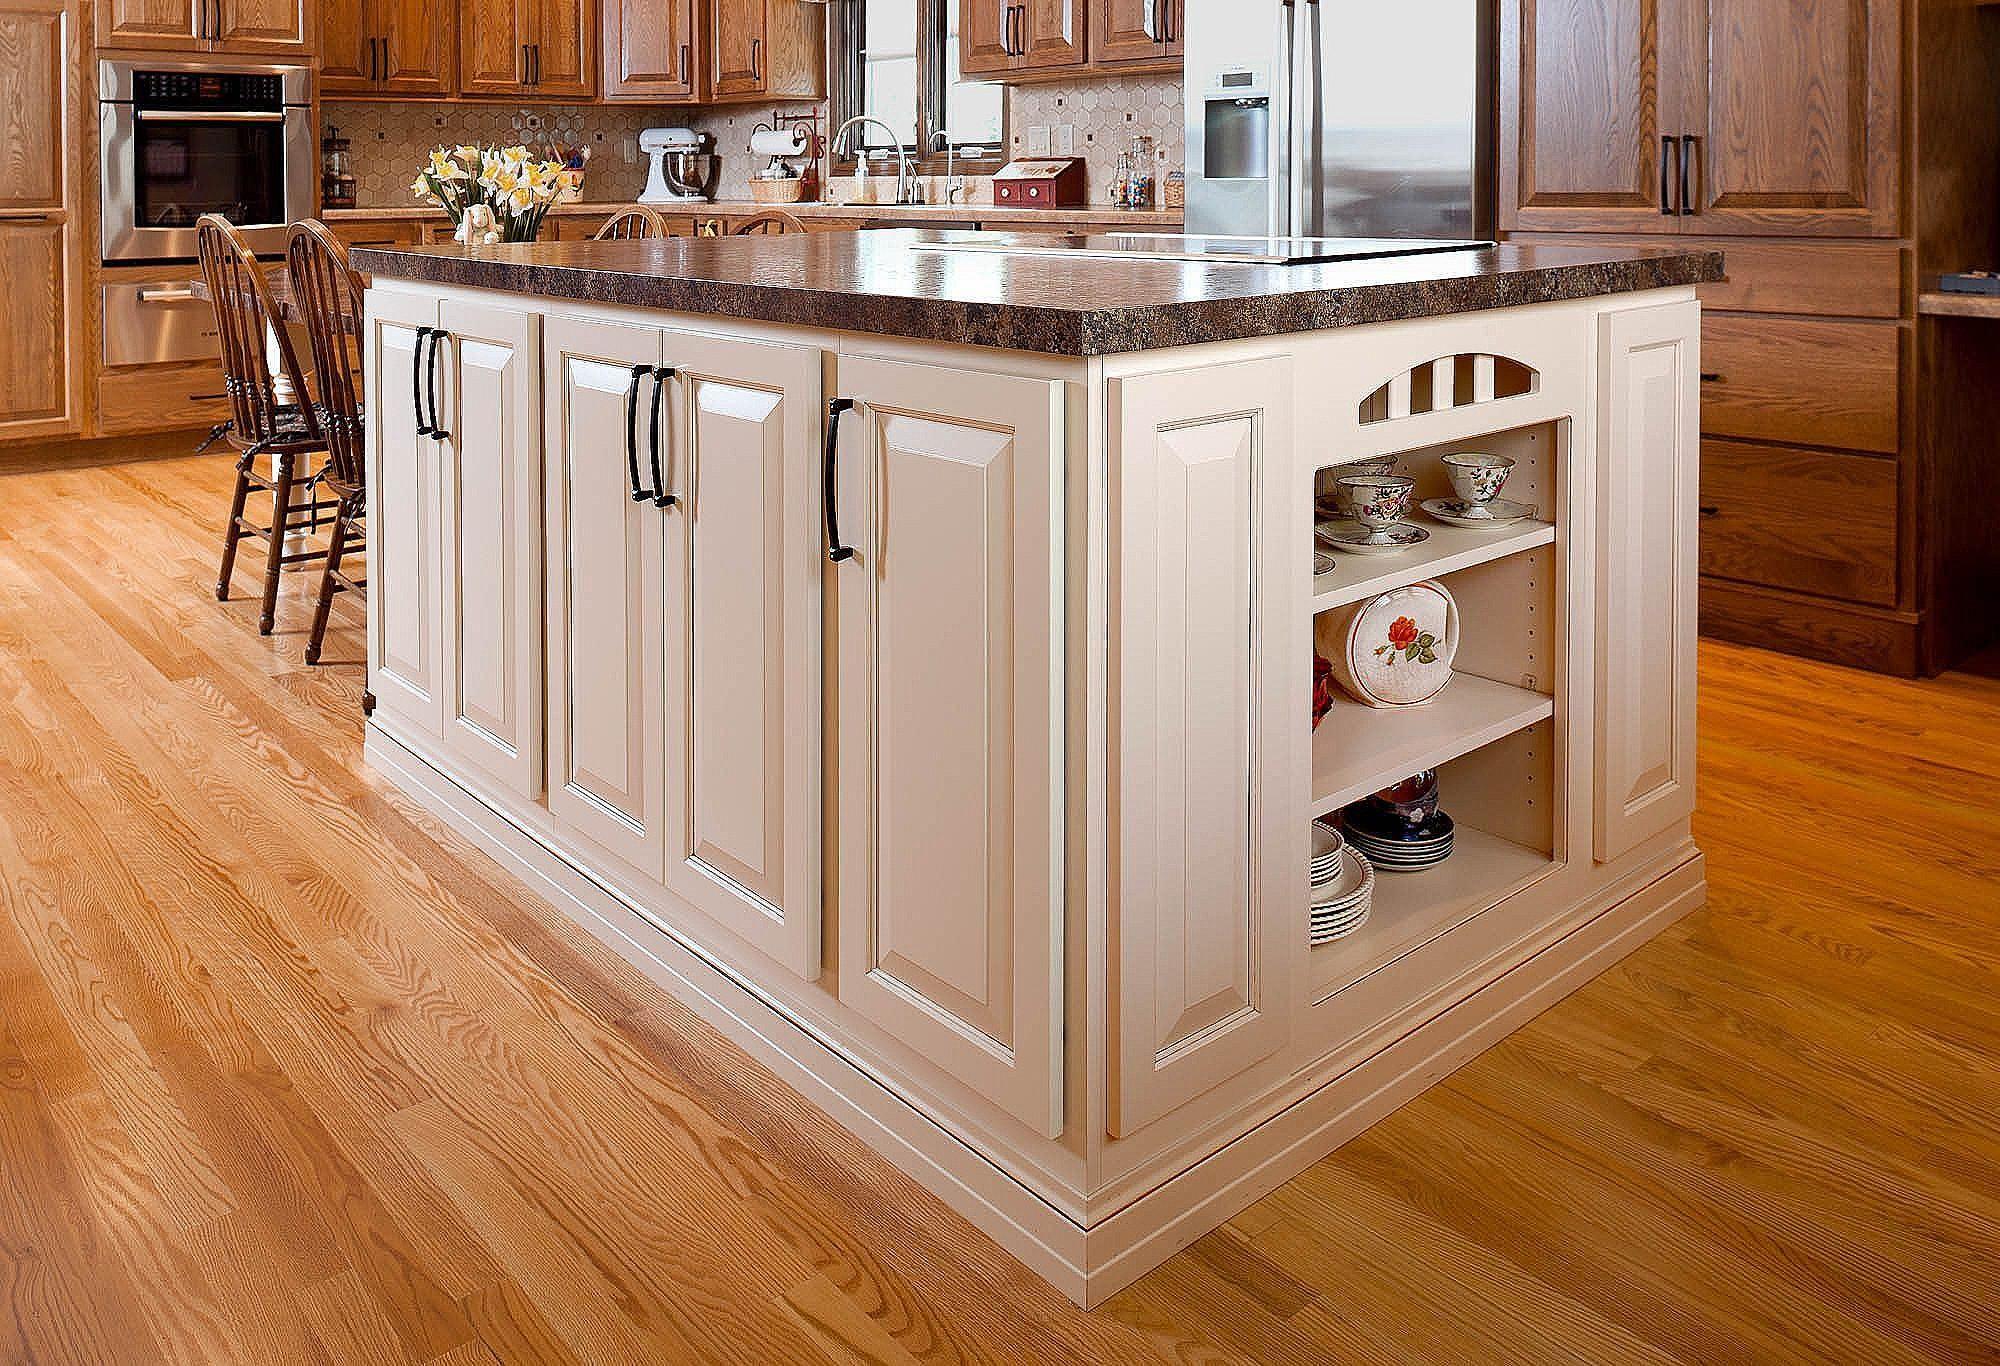 Best Of Pre Built Kitchen Island Build Kitchen Island Diy Kitchen Storage Diy Kitchen Renovation